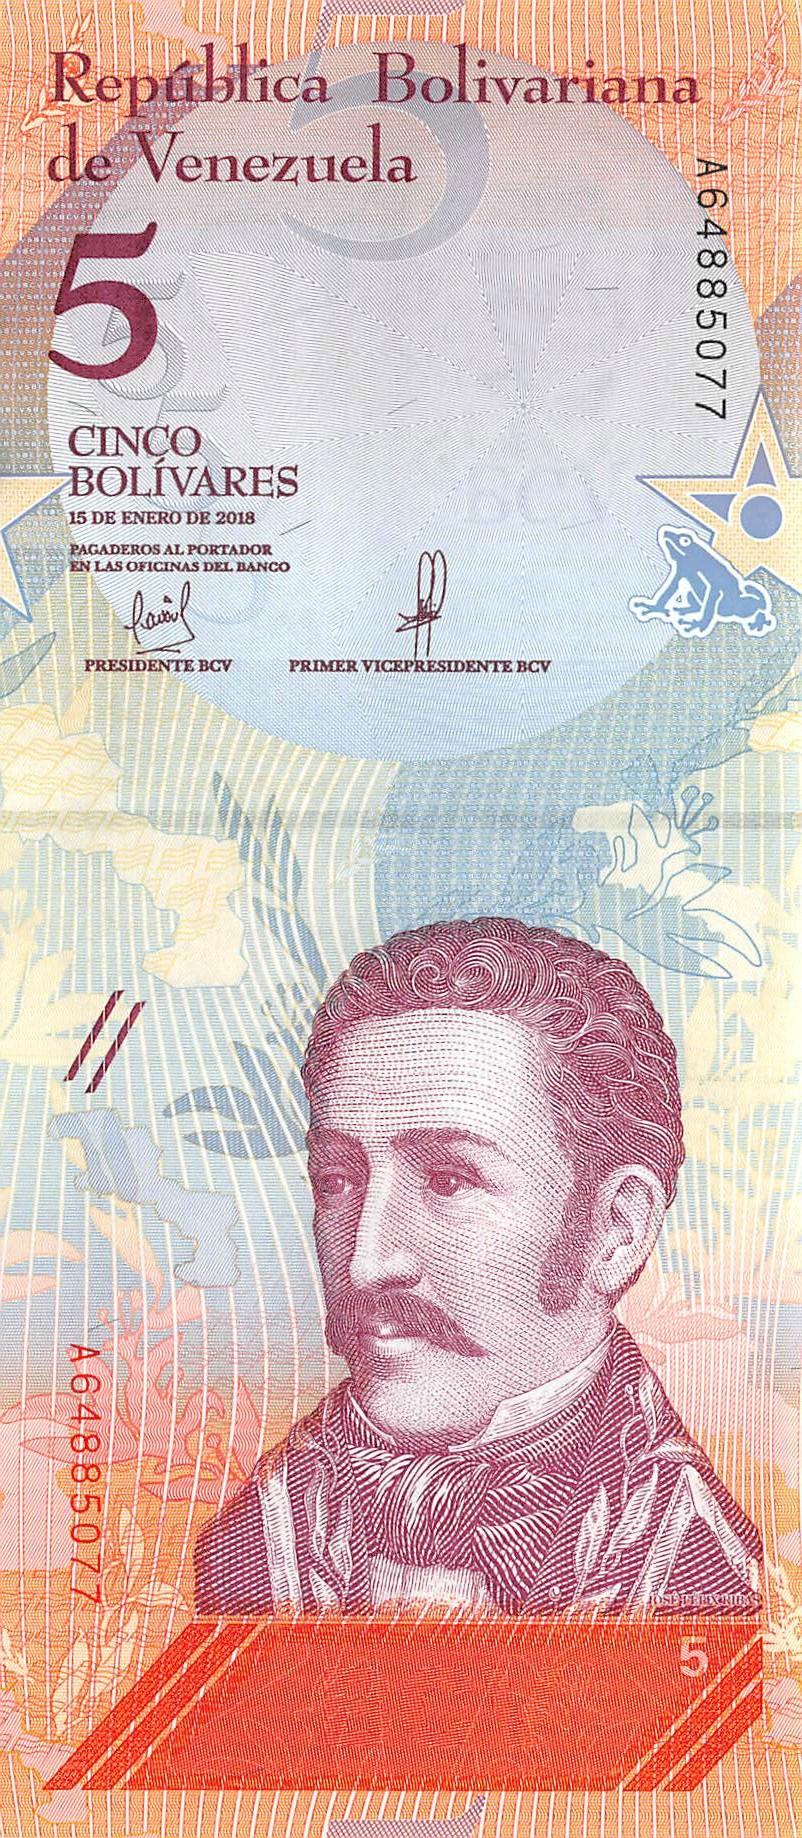 Venezuela 2 Bolivares 2018-01-15 Unc Pn 101a Prefix C